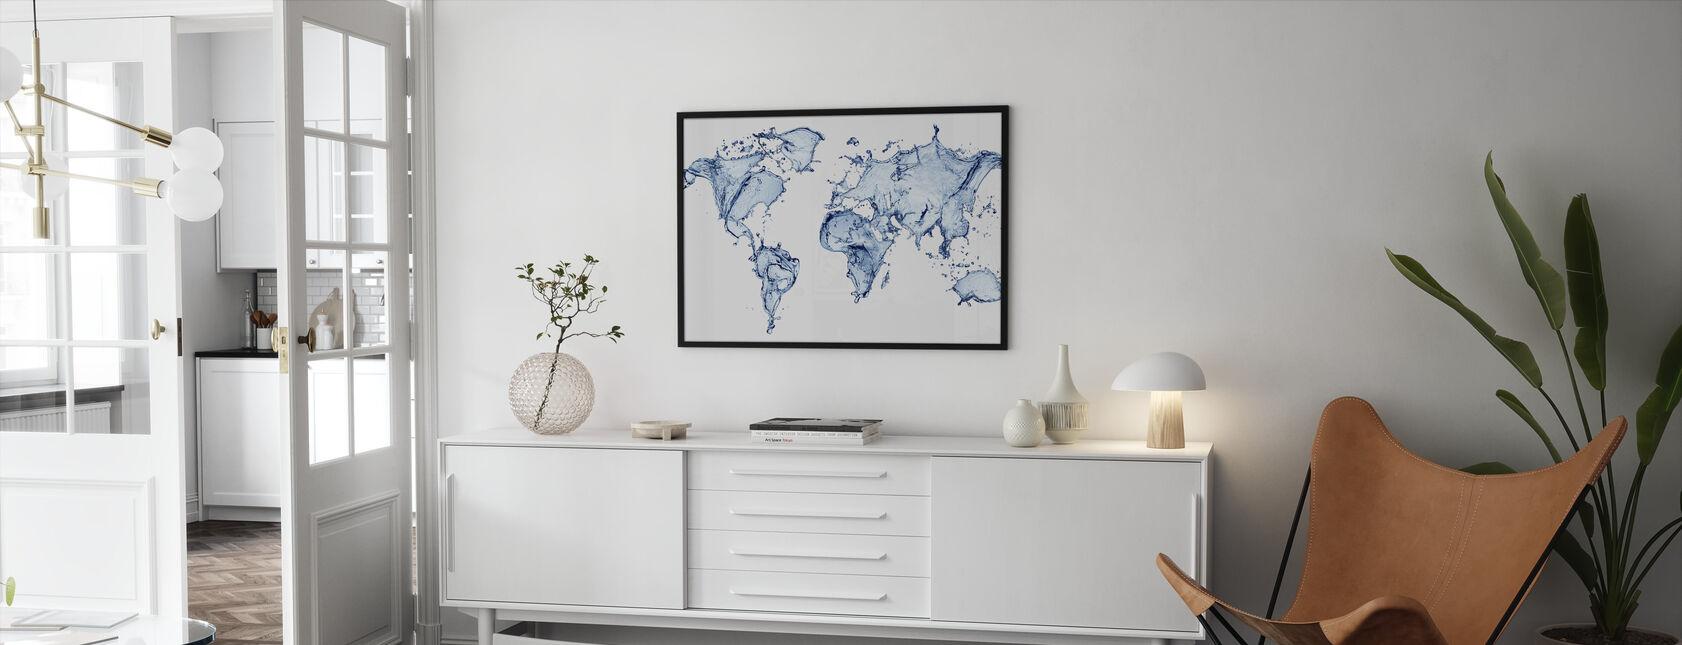 Water World - Framed print - Living Room